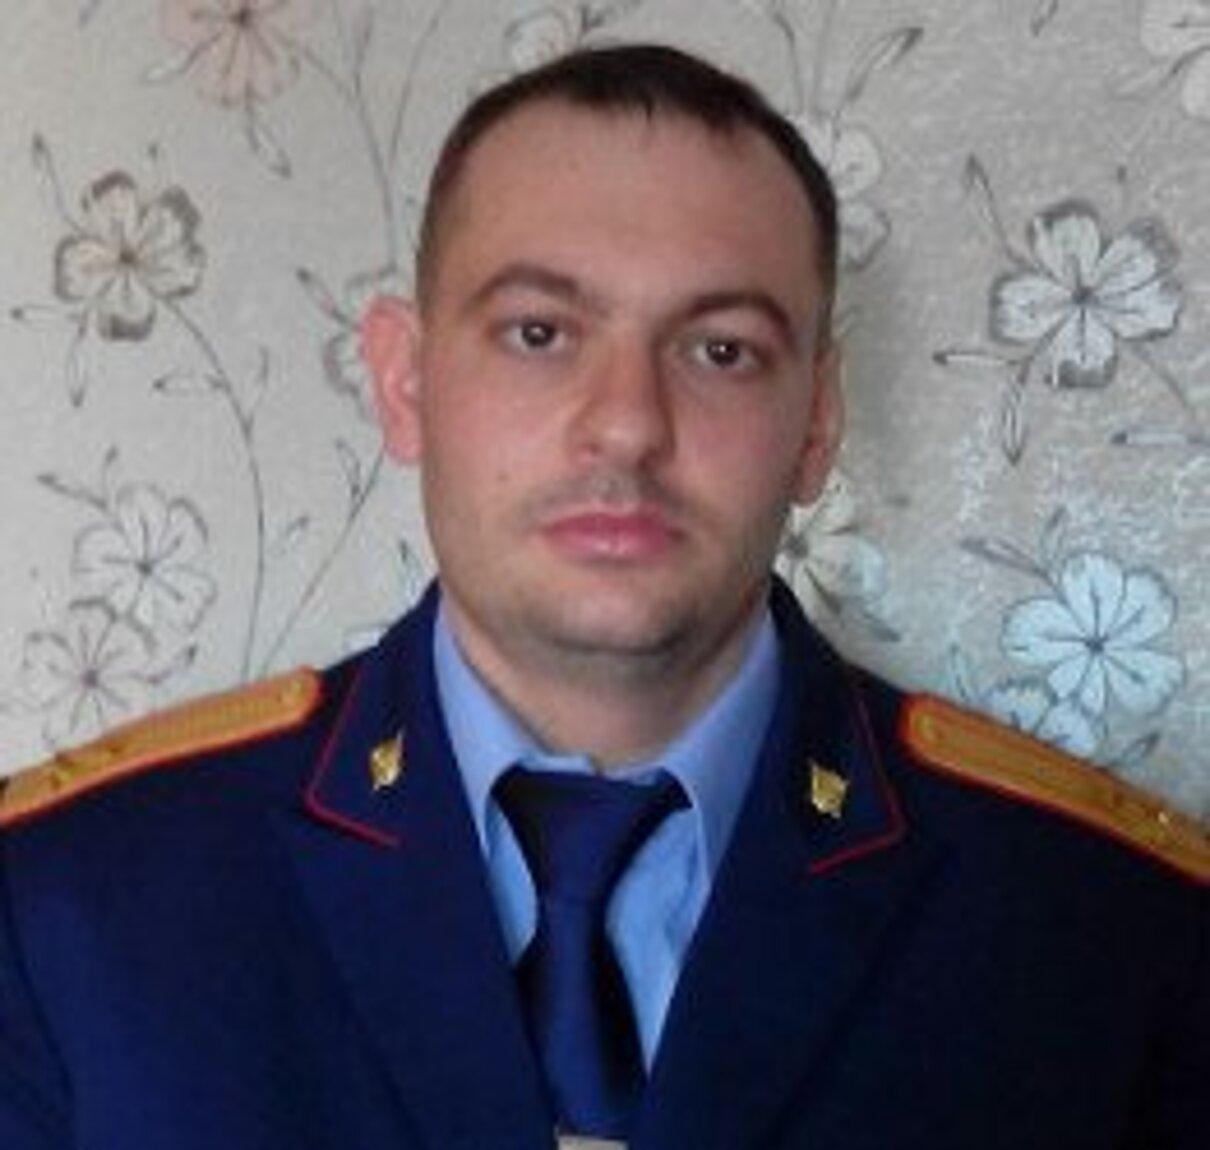 Жалоба-отзыв: Алексей Владимирович КАРТАШОВ - Мошенник и альфонс